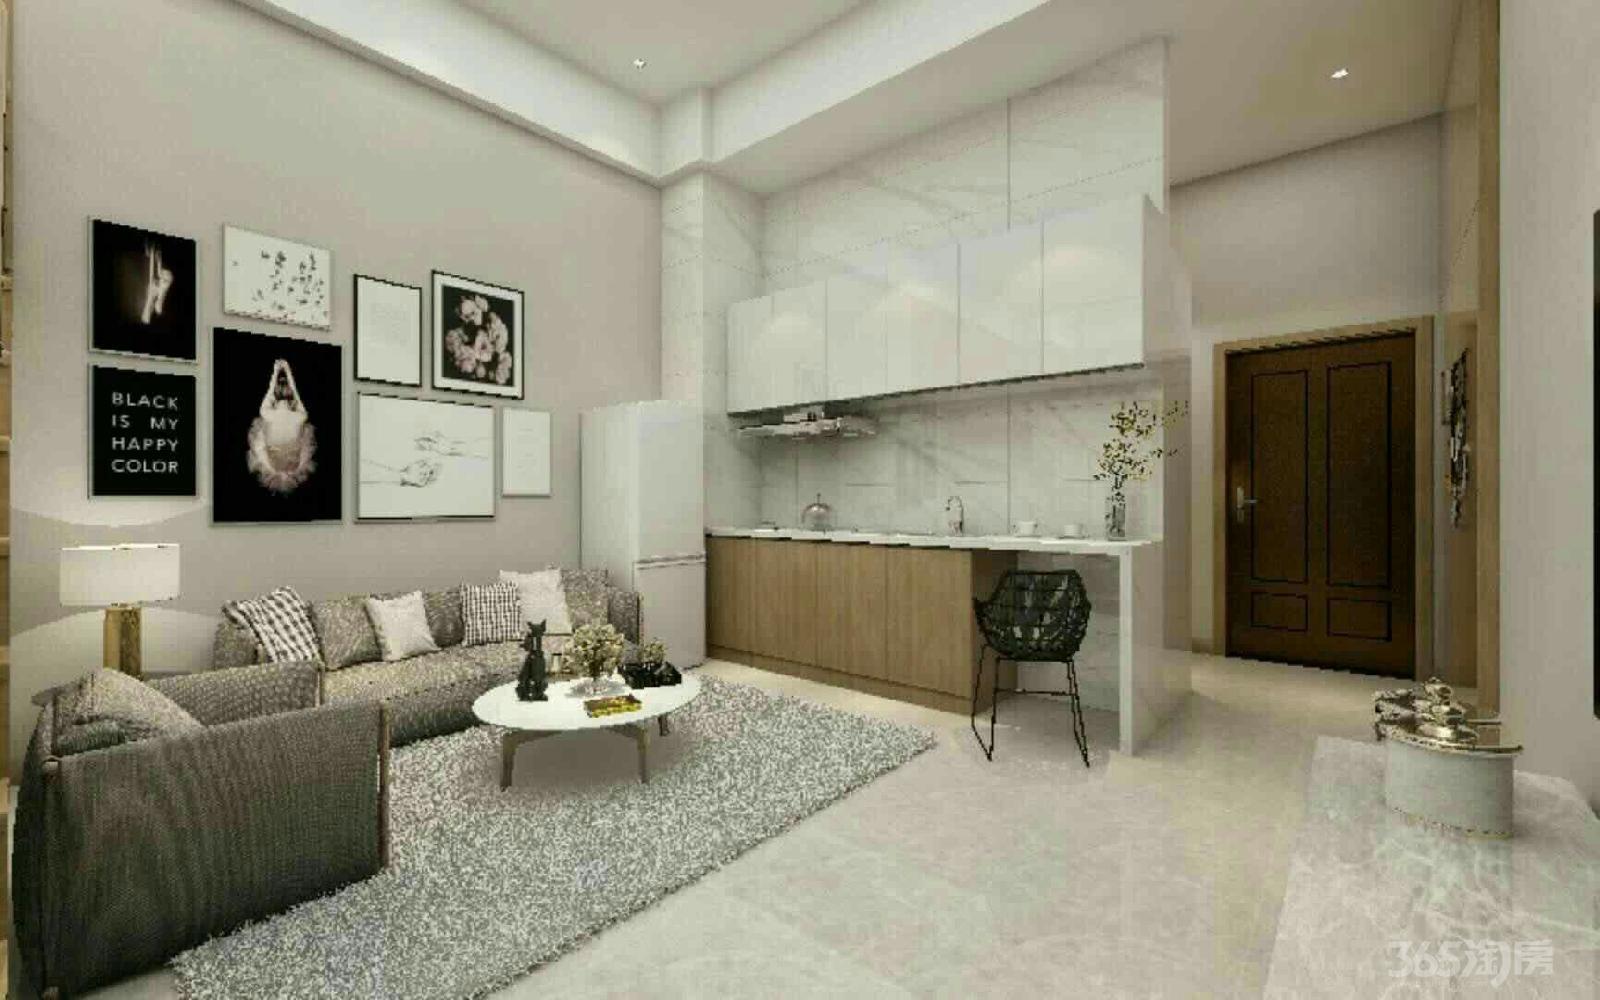 急售智谷大厦54平米精装修公寓楼